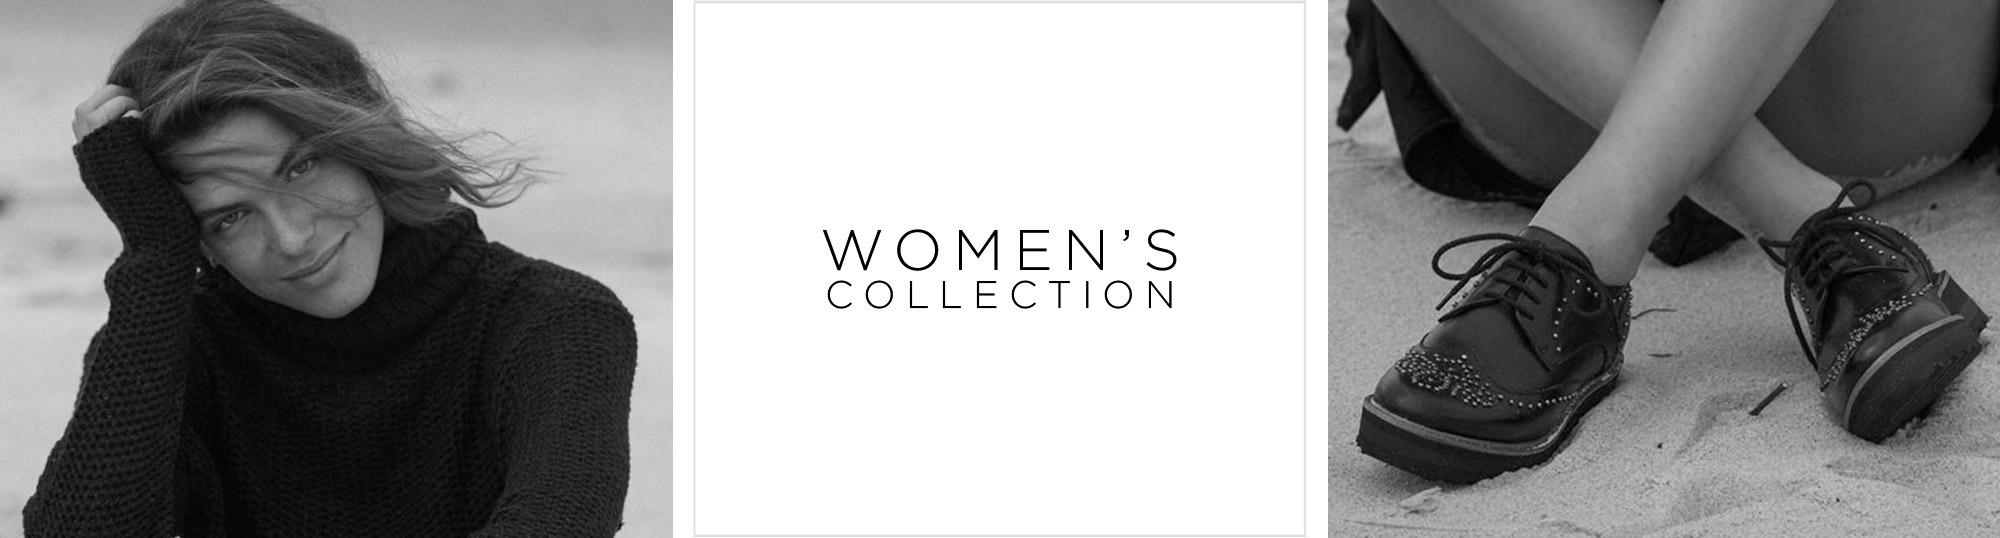 Banner - Women